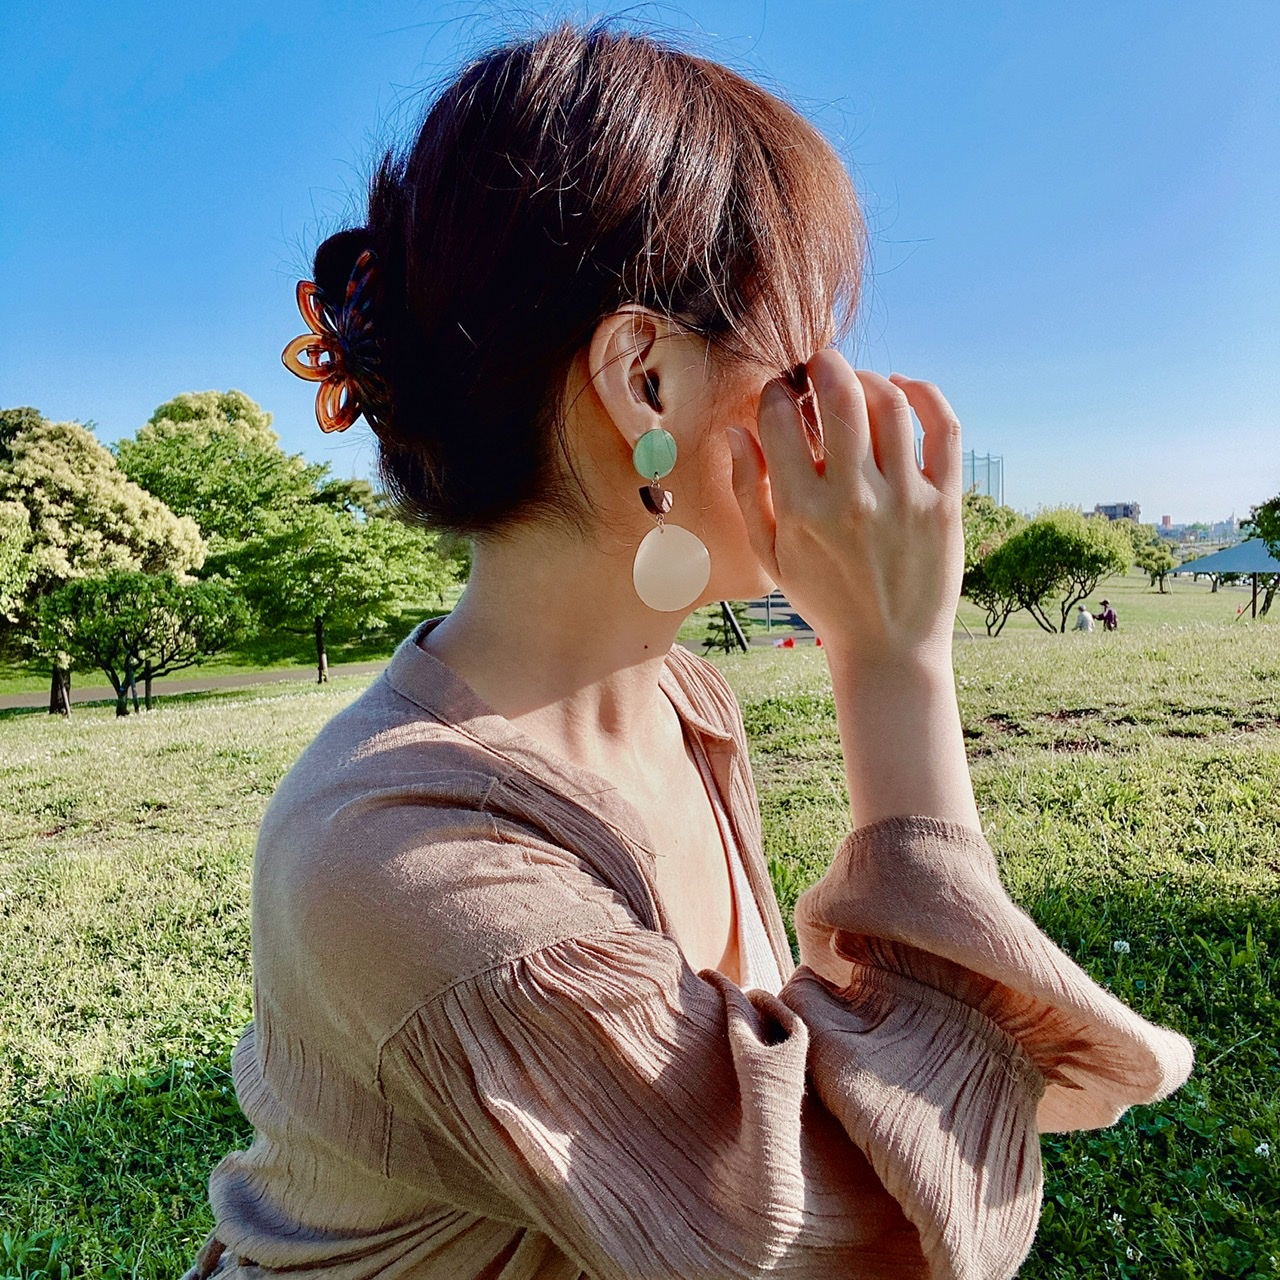 【Lattice】プチプラなのに可愛すぎ♡夏アクセのスタメンは《大ぶりピアス》でキマり!_6